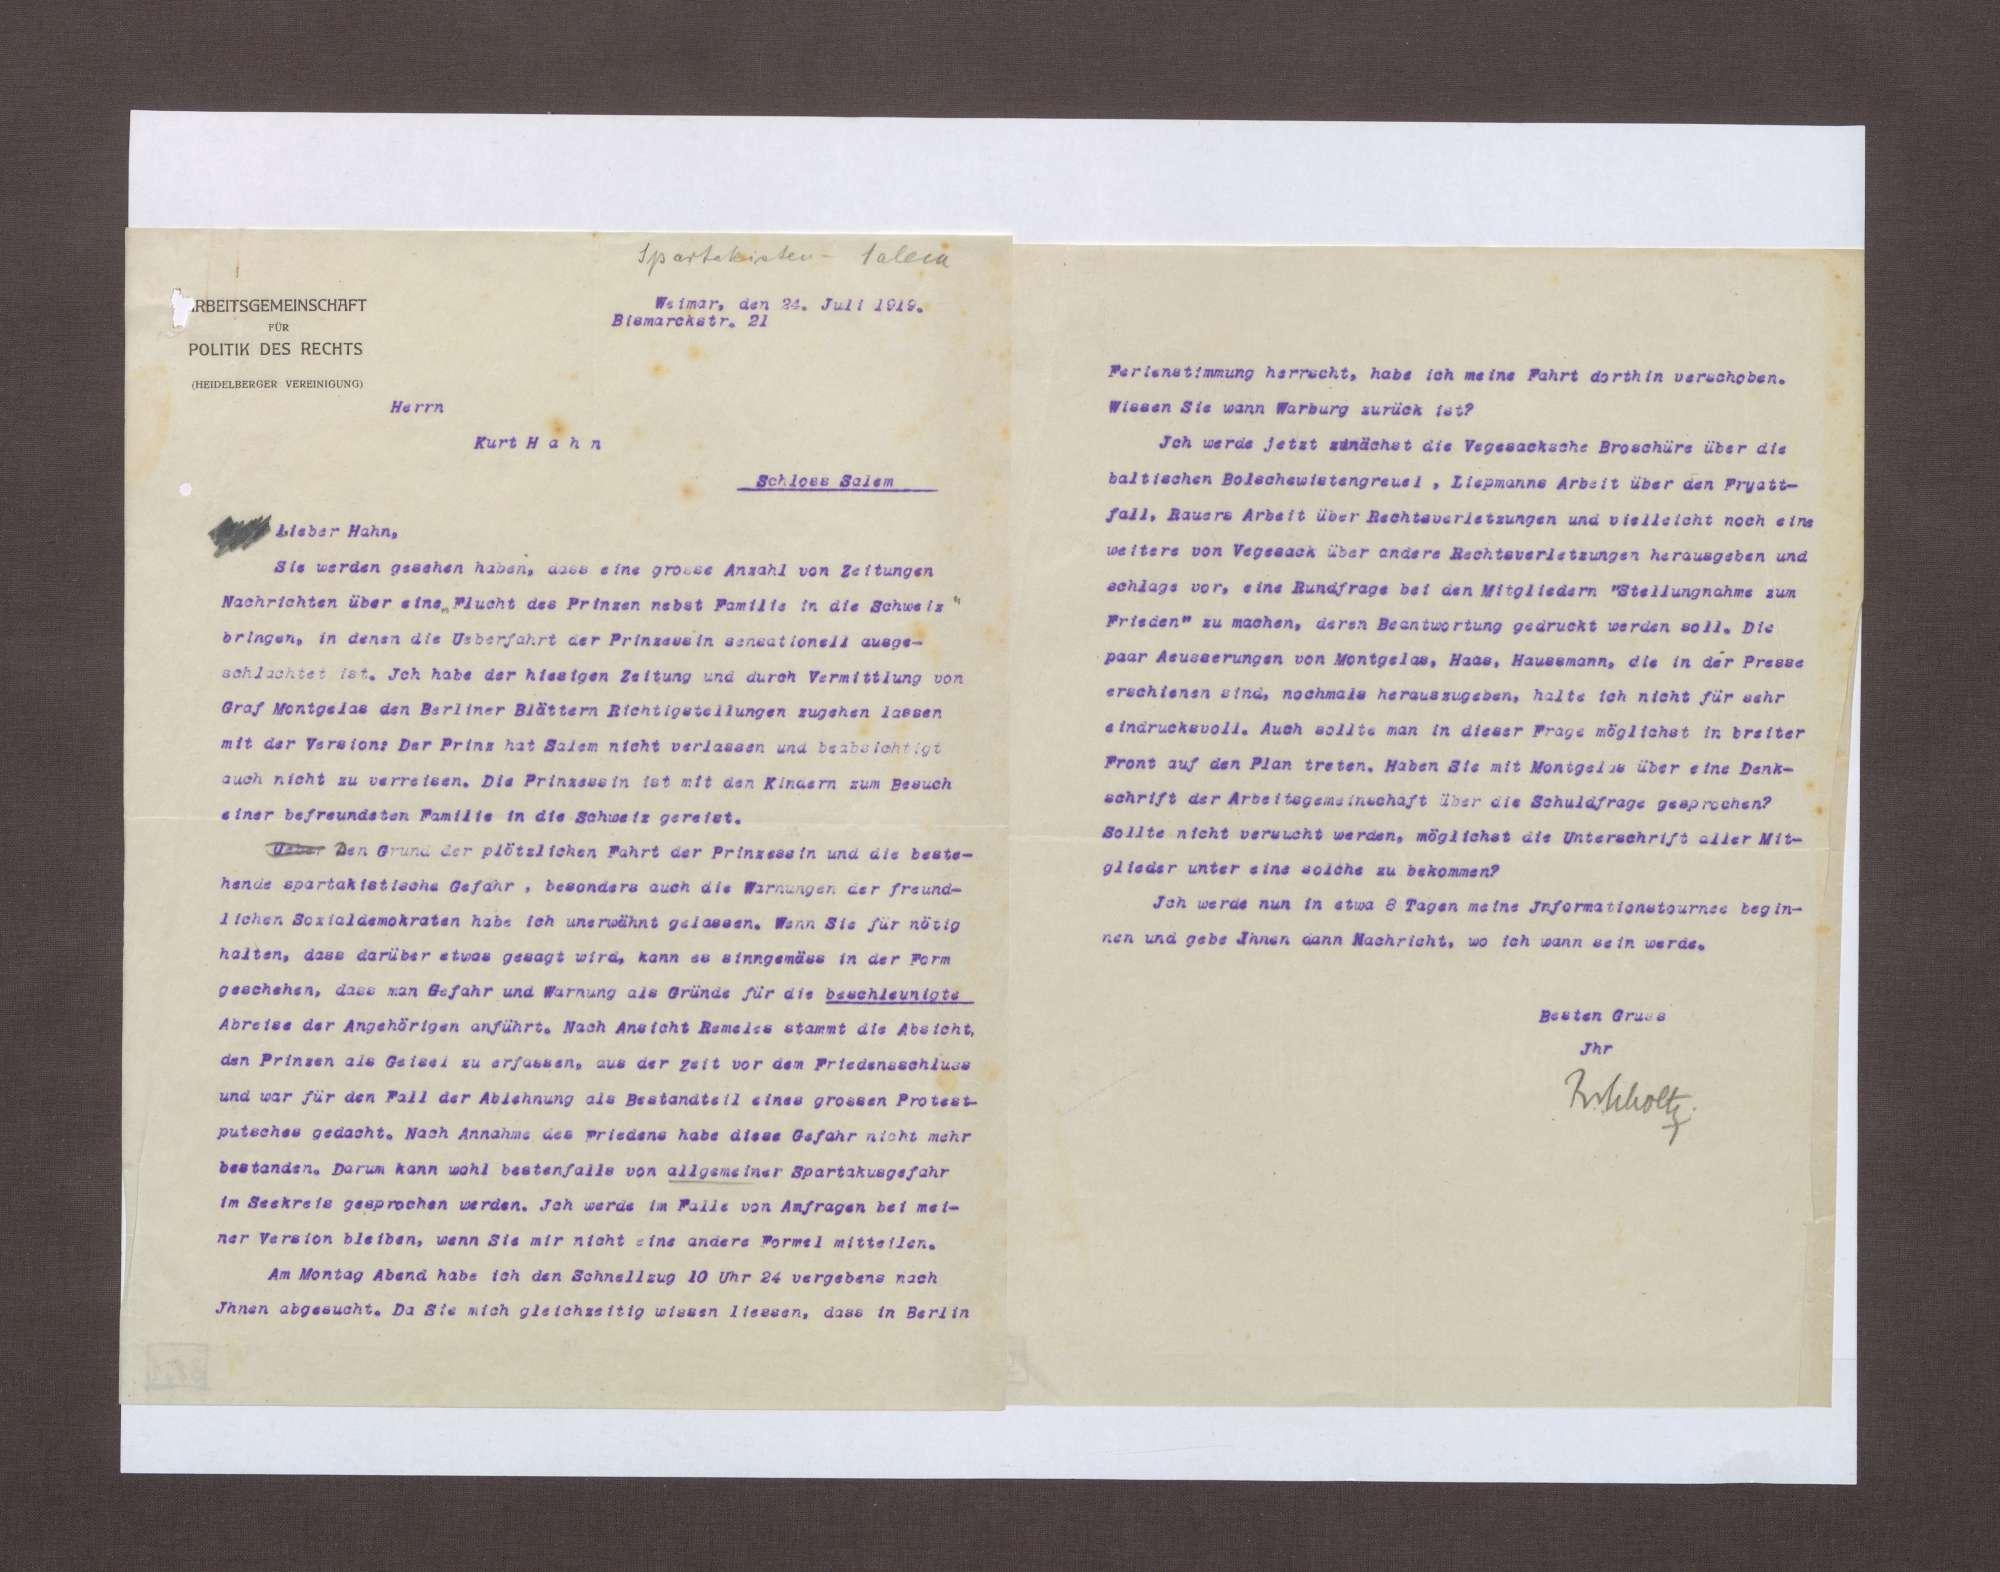 Schreiben von Ruhholtz an Kurt Hahn; Berichterstattung über die vermeintliche Flucht von Prinz Max von Baden, Bild 1